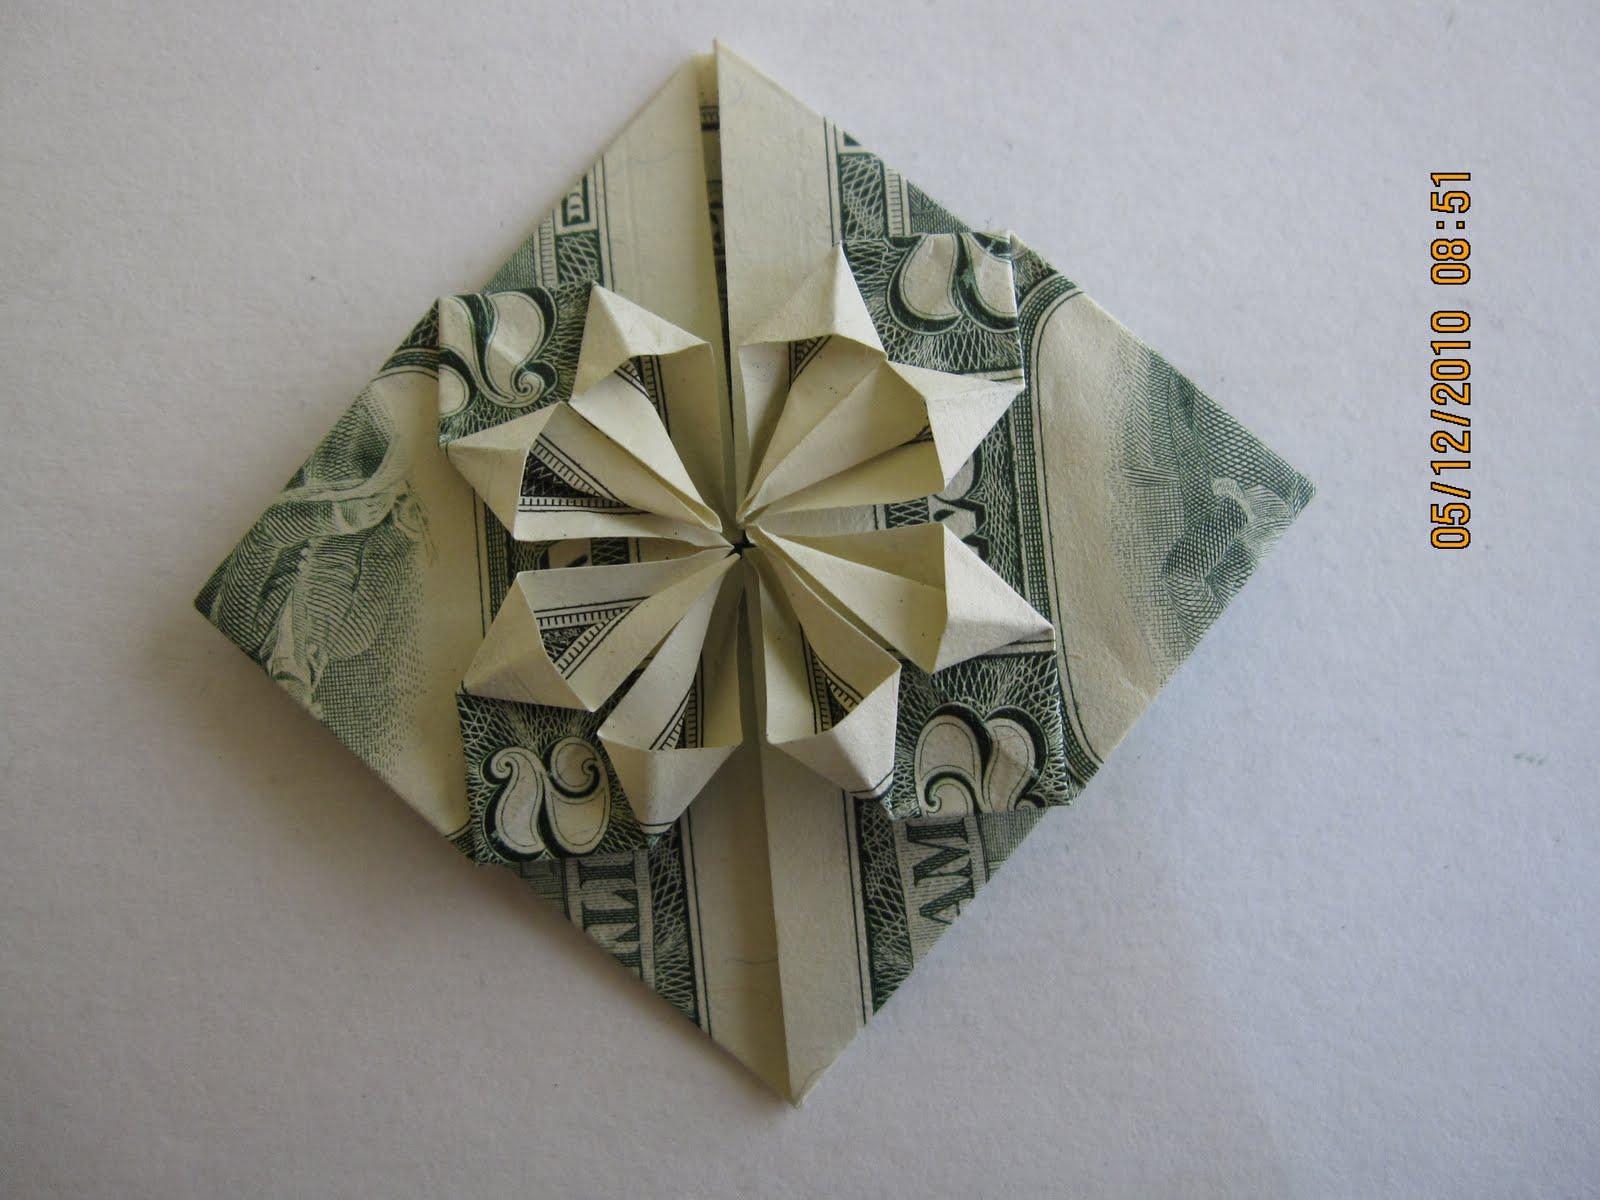 Heart Shaped Origami Three Wisdoms